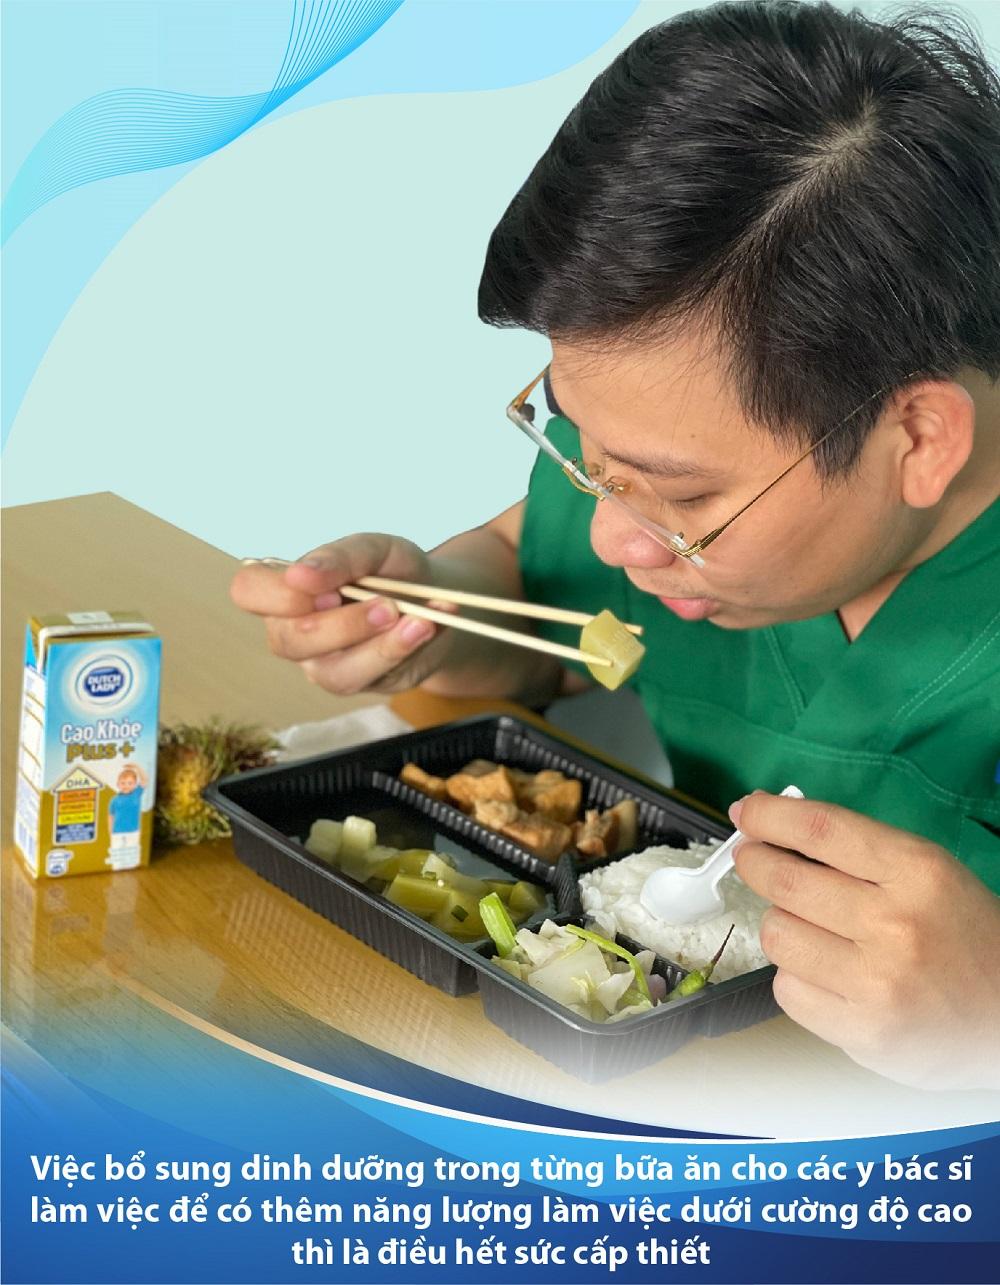 Việc bổ sung dinh dưỡng trong từng bữa ăn cho các y bác sĩ làm việc để có thêm năng lượng làm việc dưới cường độ cao thì là điều hết sức cấp thiết - Ảnh: CGHL